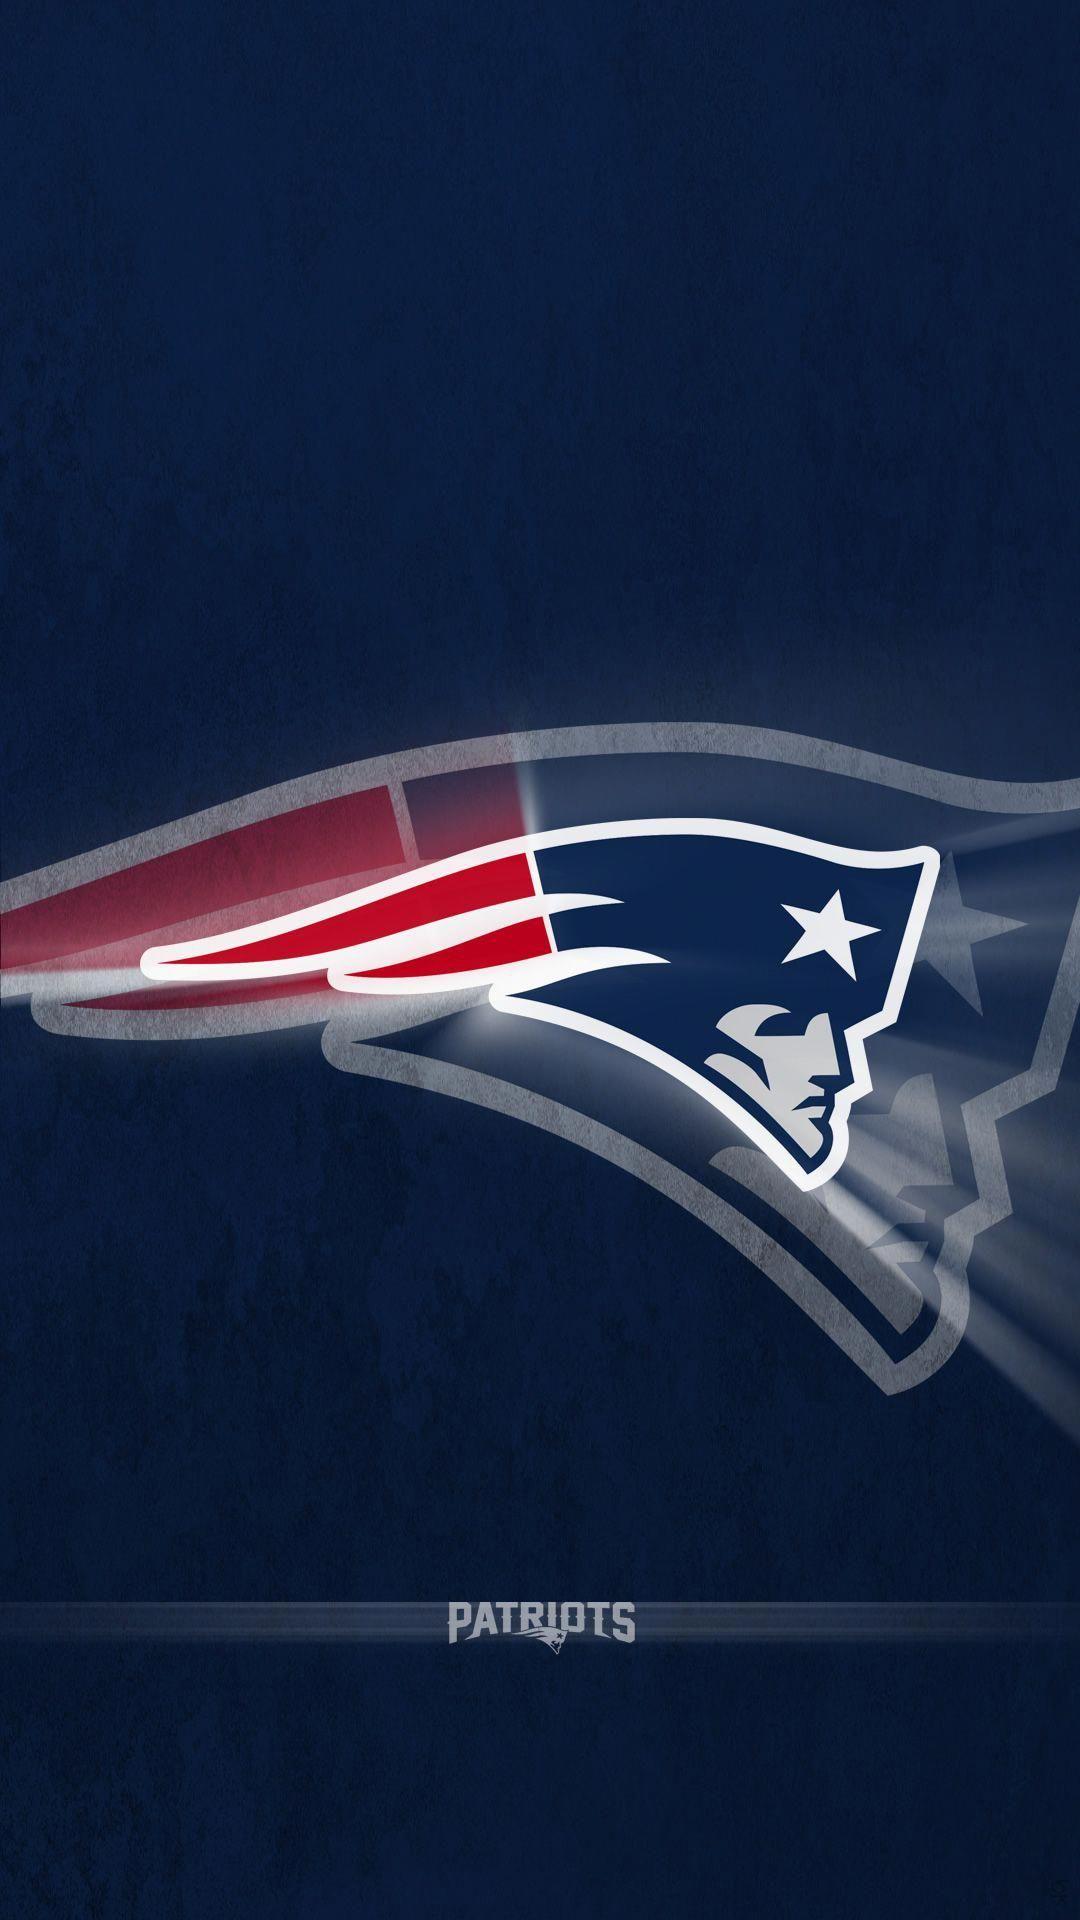 Verizon Nfl Smartphone Wallpapers Favouritesmartphone New England Patriots Wallpaper New England Patriots New England Patriots Logo